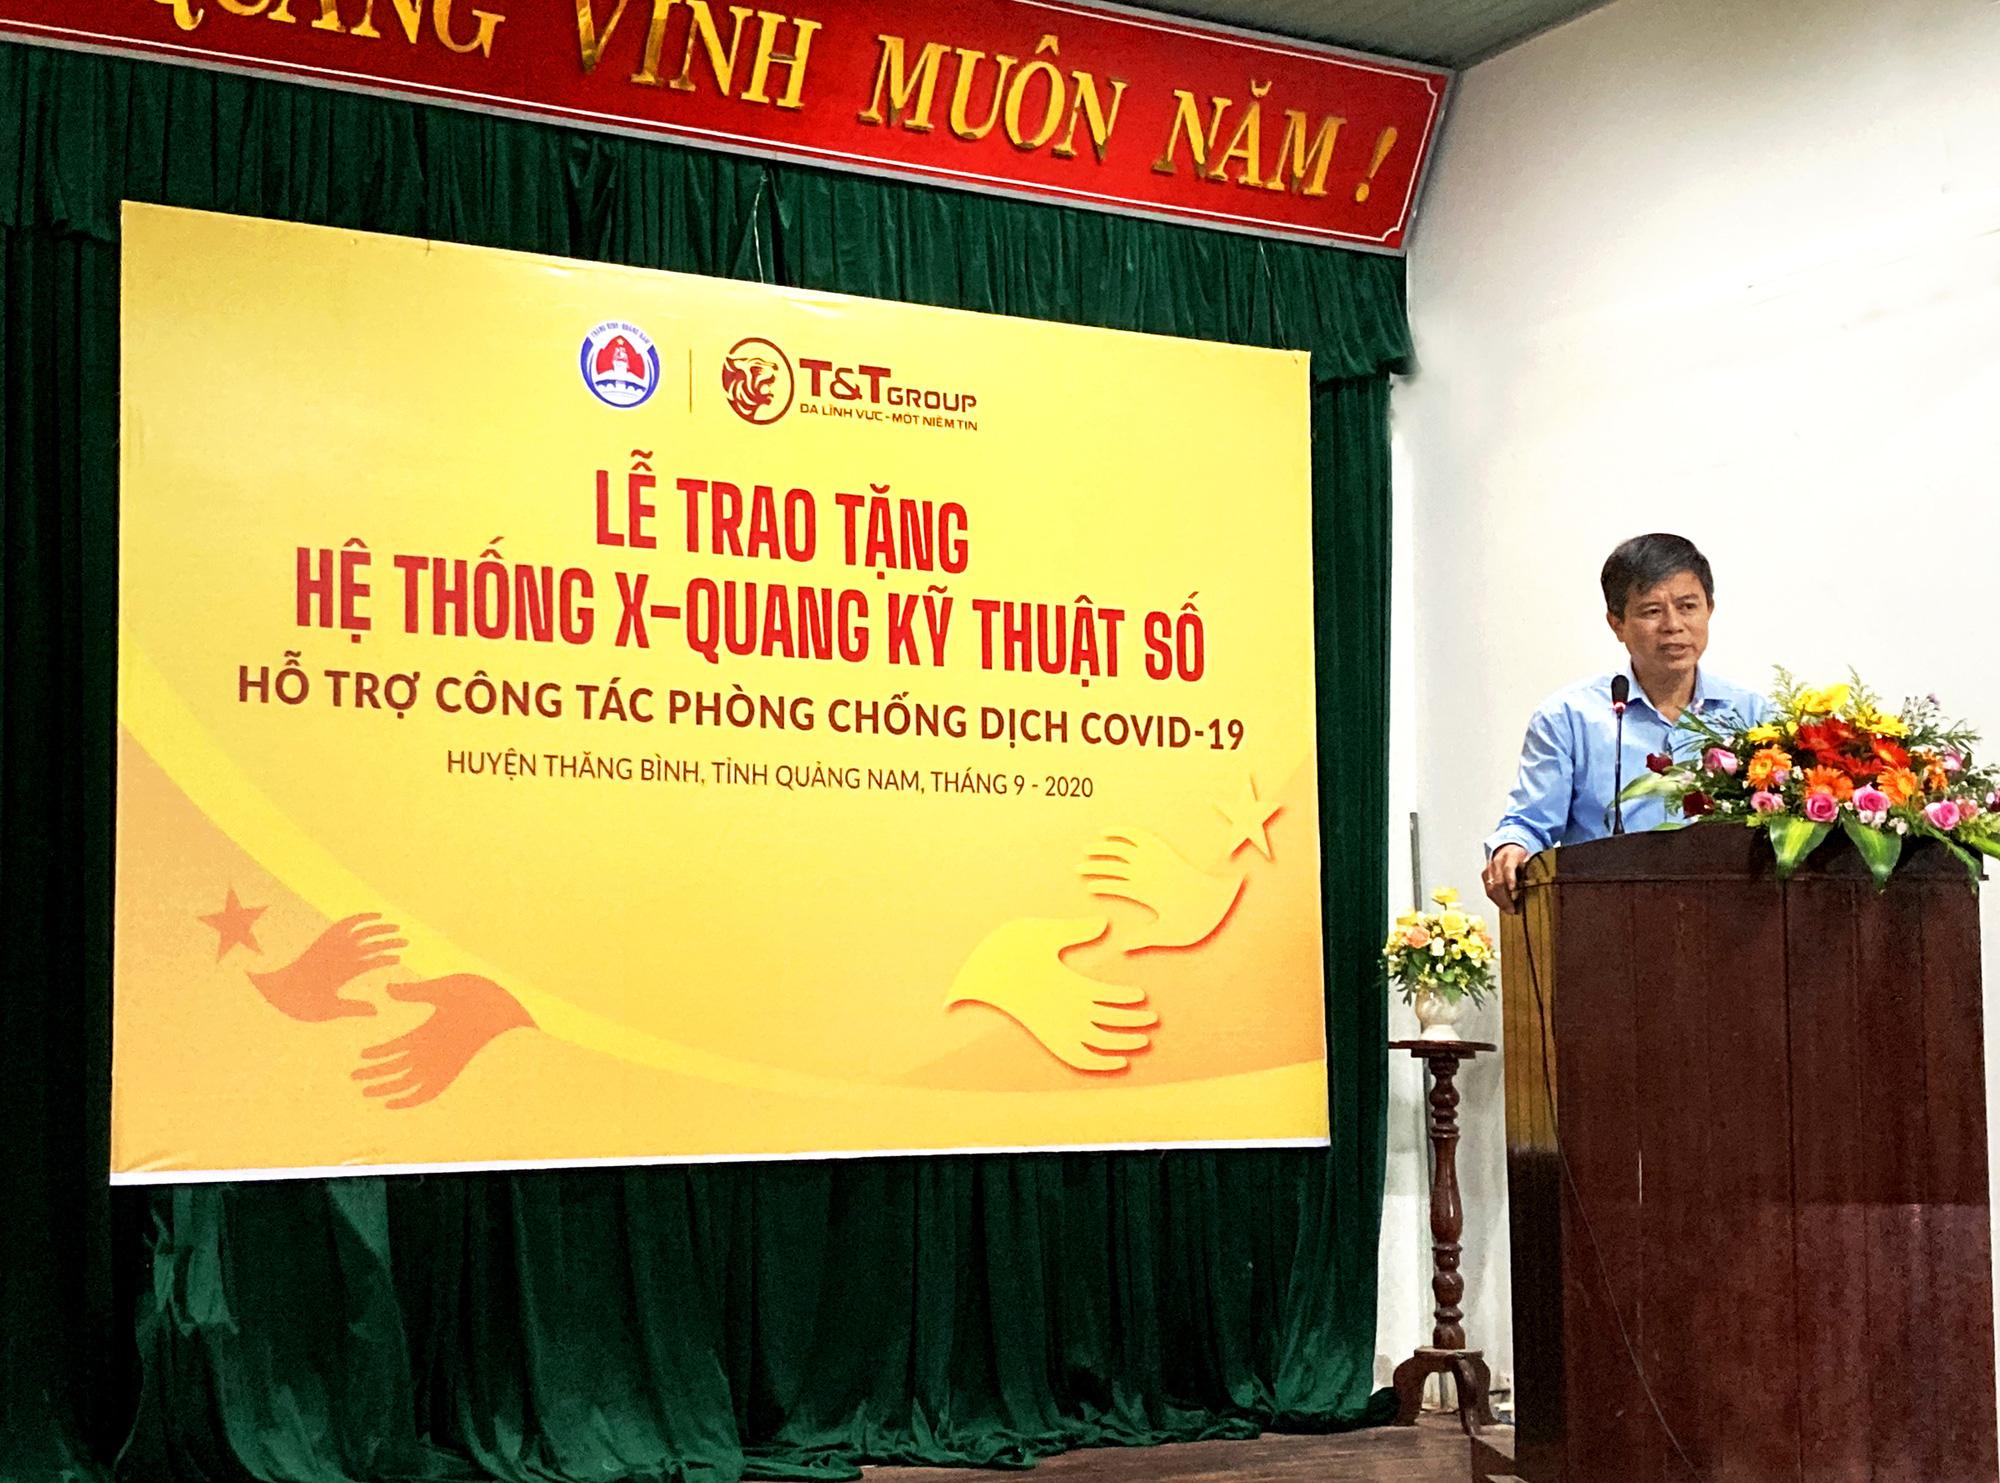 Tập đoàn T&T Group trao tặng hệ thống X-Quang kỹ thuật số hỗ trợ cho huyện Thăng Bình (tỉnh Quảng Nam) phòng chống dịch COVID-19 - Ảnh 3.